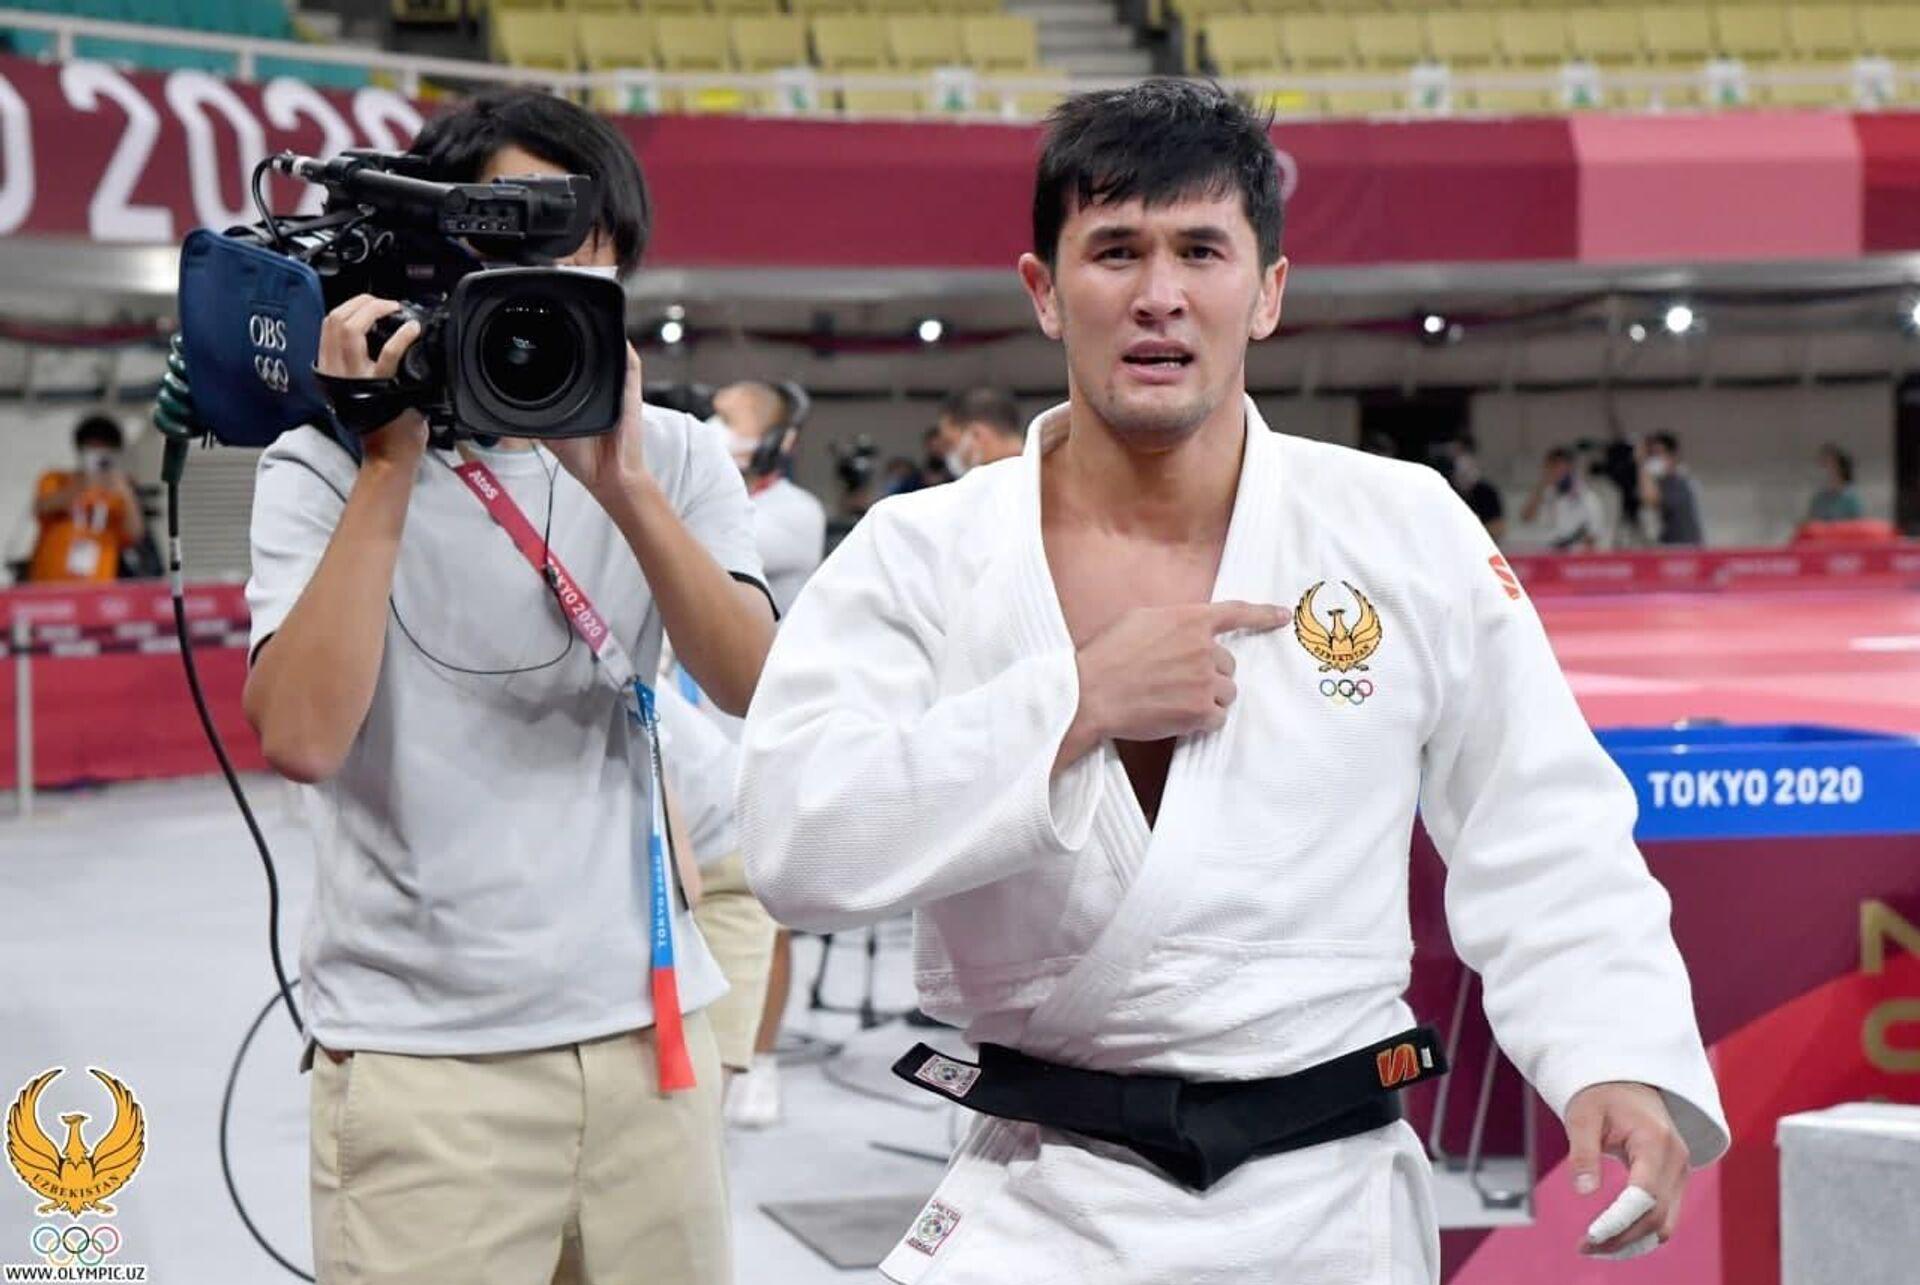 Давлат Бобонов завоевал первую медаль сборной Узбекистана по дзюдо на Олимпийских играх Токио-2020 - Sputnik Узбекистан, 1920, 08.08.2021